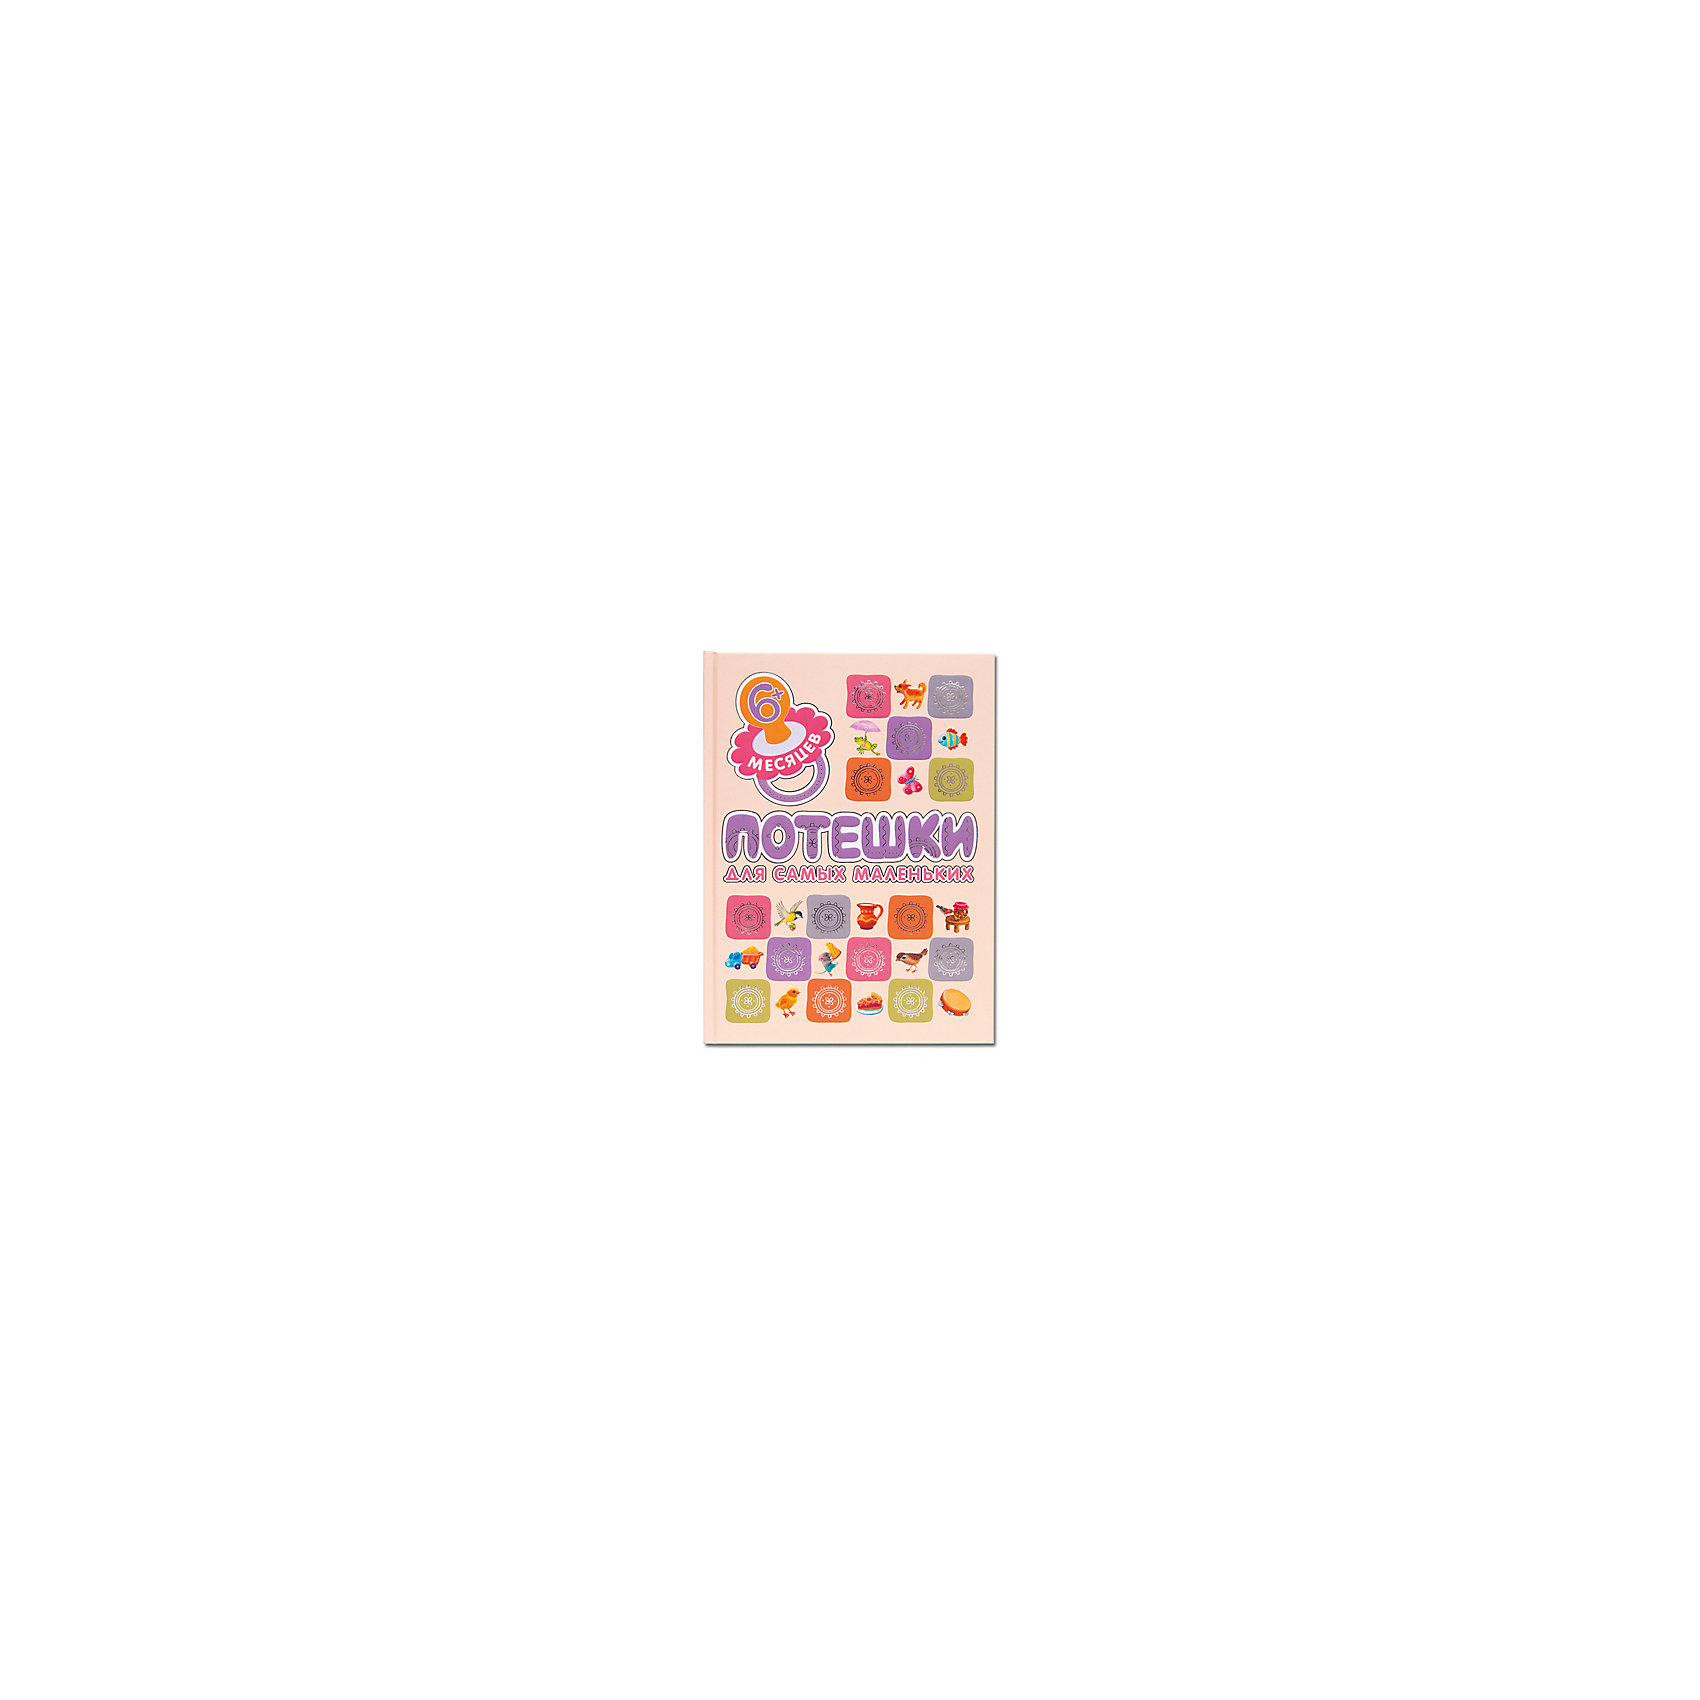 Книжки-потешки для самых маленькихПотешки, скороговорки, загадки<br>Книжки-потешки для самых маленьких.<br><br>Характеристики:<br><br>• Для детей в возрасте: от 0 до 24 месяцев<br>• Редактор: Агапова А.<br>• Художник: Павлова К.<br>• Издательство: Мозаика-Синтез<br>• Серия: Подарочные книги для самых маленьких<br>• Тип обложки: твердая (картон)<br>• Иллюстрации: цветные<br>• Количество страниц: 64<br>• Размер: 295х220х10 мм.<br>• Вес: 509 гр.<br>• ISBN: 9785431509070<br><br>В книге «Потешки для самых маленьких» собраны потешки, прибаутки и колыбельные песни, на которых выросло не одно поколение детей. Ваш малыш будет с удовольствием слушать их и рассматривать удивительные картинки. Благодаря крупным красочным иллюстрациям Ксении Павловой книга вызовет у него неподдельный интерес и обязательно станет любимой. <br><br>Книжку Потешки для самых маленьких можно купить в нашем интернет-магазине.<br><br>Ширина мм: 100<br>Глубина мм: 220<br>Высота мм: 295<br>Вес г: 509<br>Возраст от месяцев: 0<br>Возраст до месяцев: 24<br>Пол: Унисекс<br>Возраст: Детский<br>SKU: 5523245